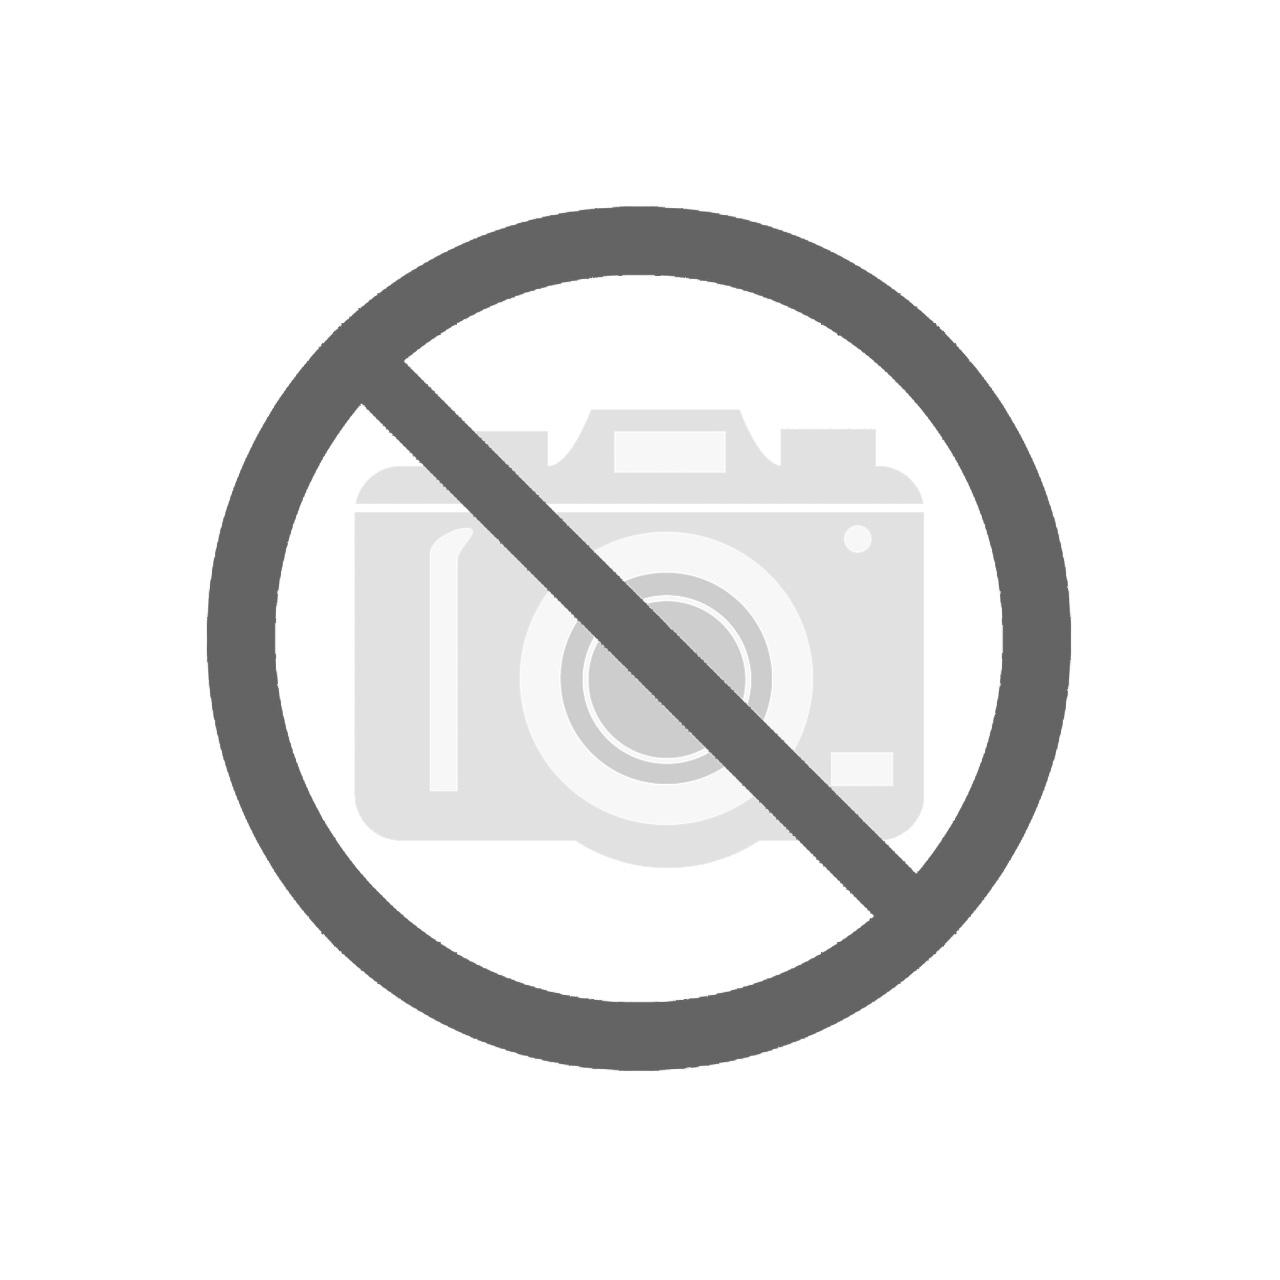 Automatyczna regulacja czułości nacisku do MSB 280 V / 320 V / VL BERNARDO